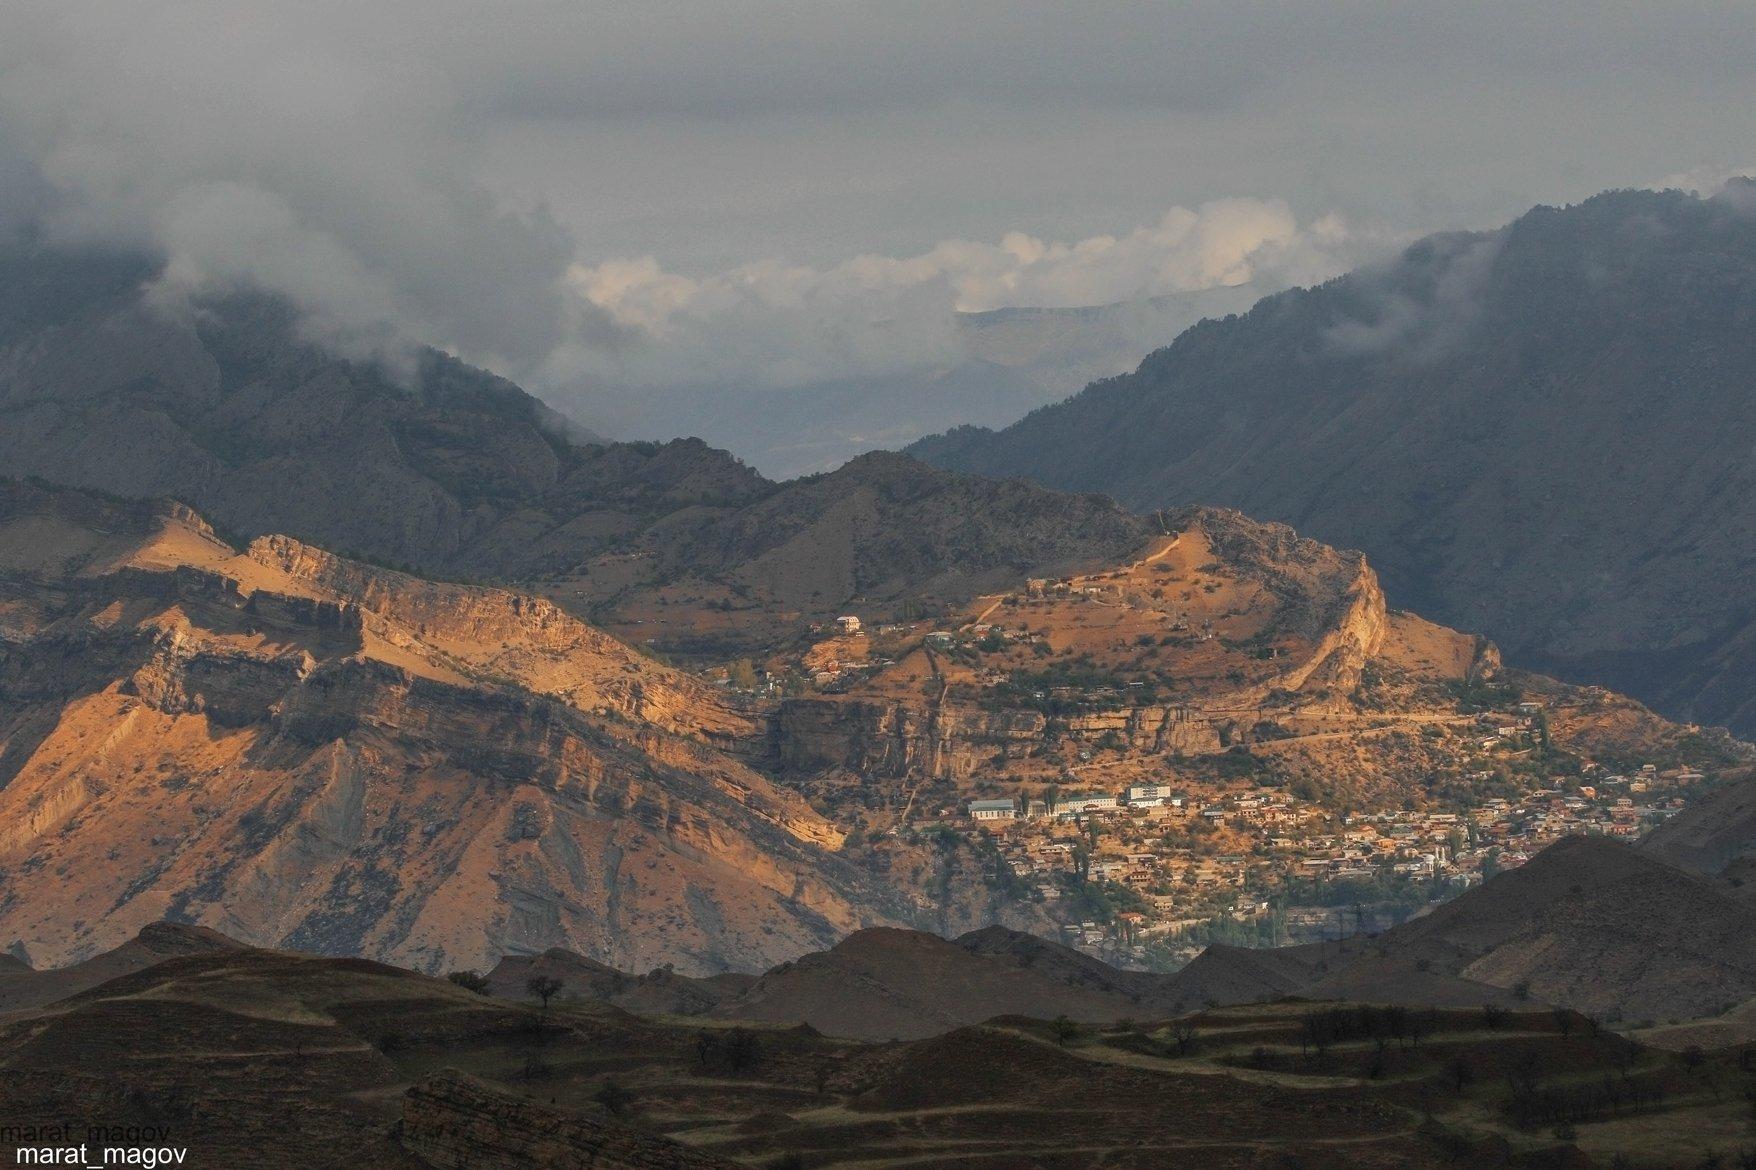 горы,гуниб.вершины,пейзаж,небо,деревья,дагестан,природа, Magov Marat